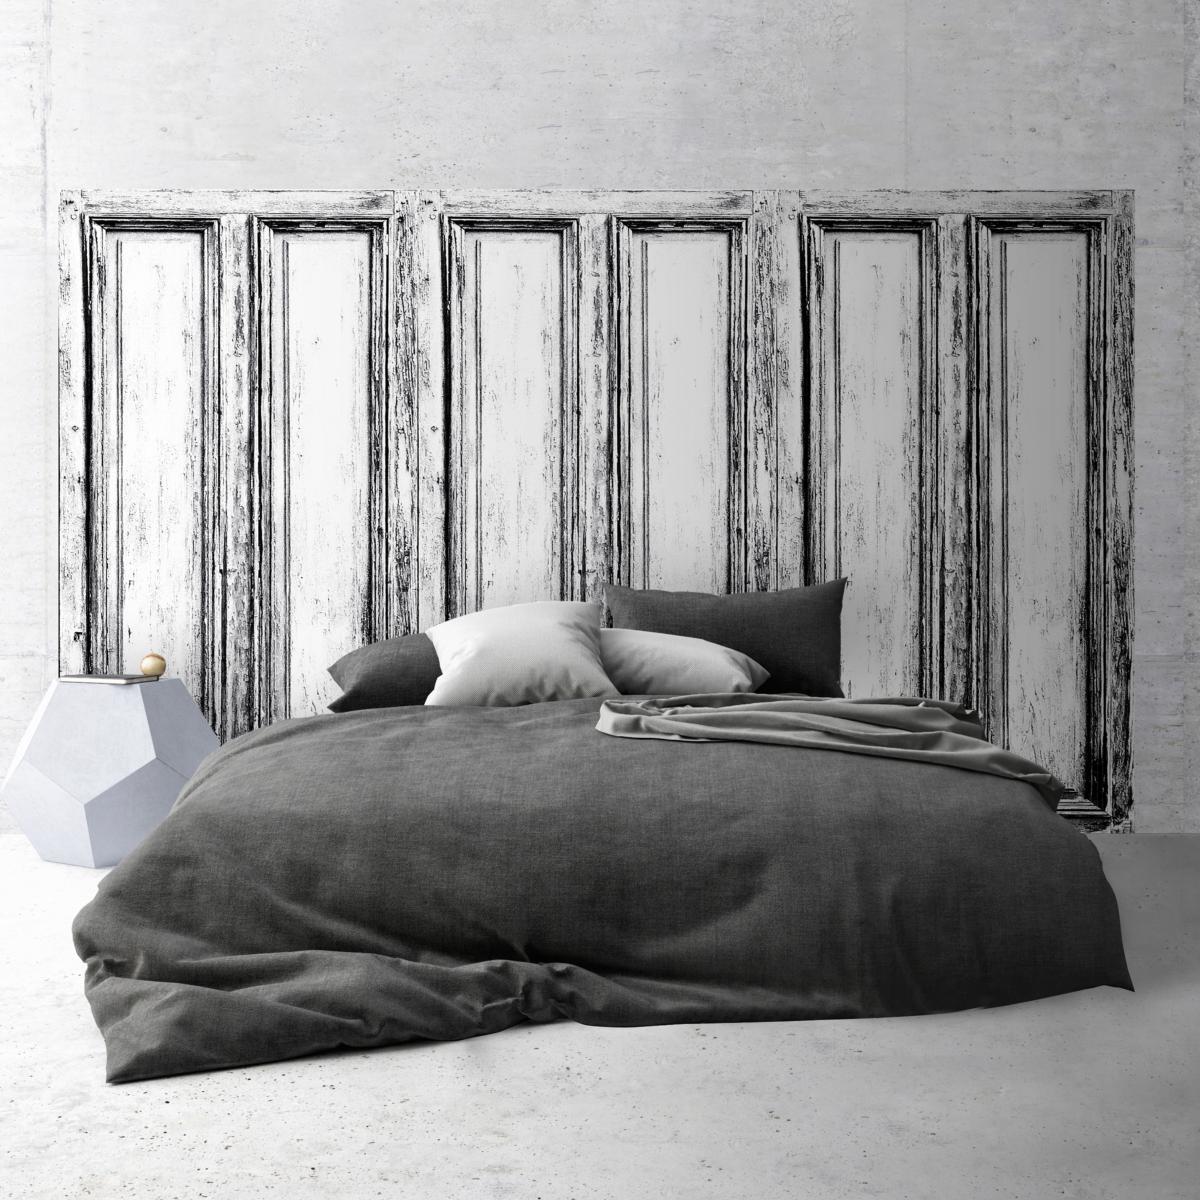 Planche Pour Tete De Lit tête de lit effet de matière - panneau en bois noir et blanc